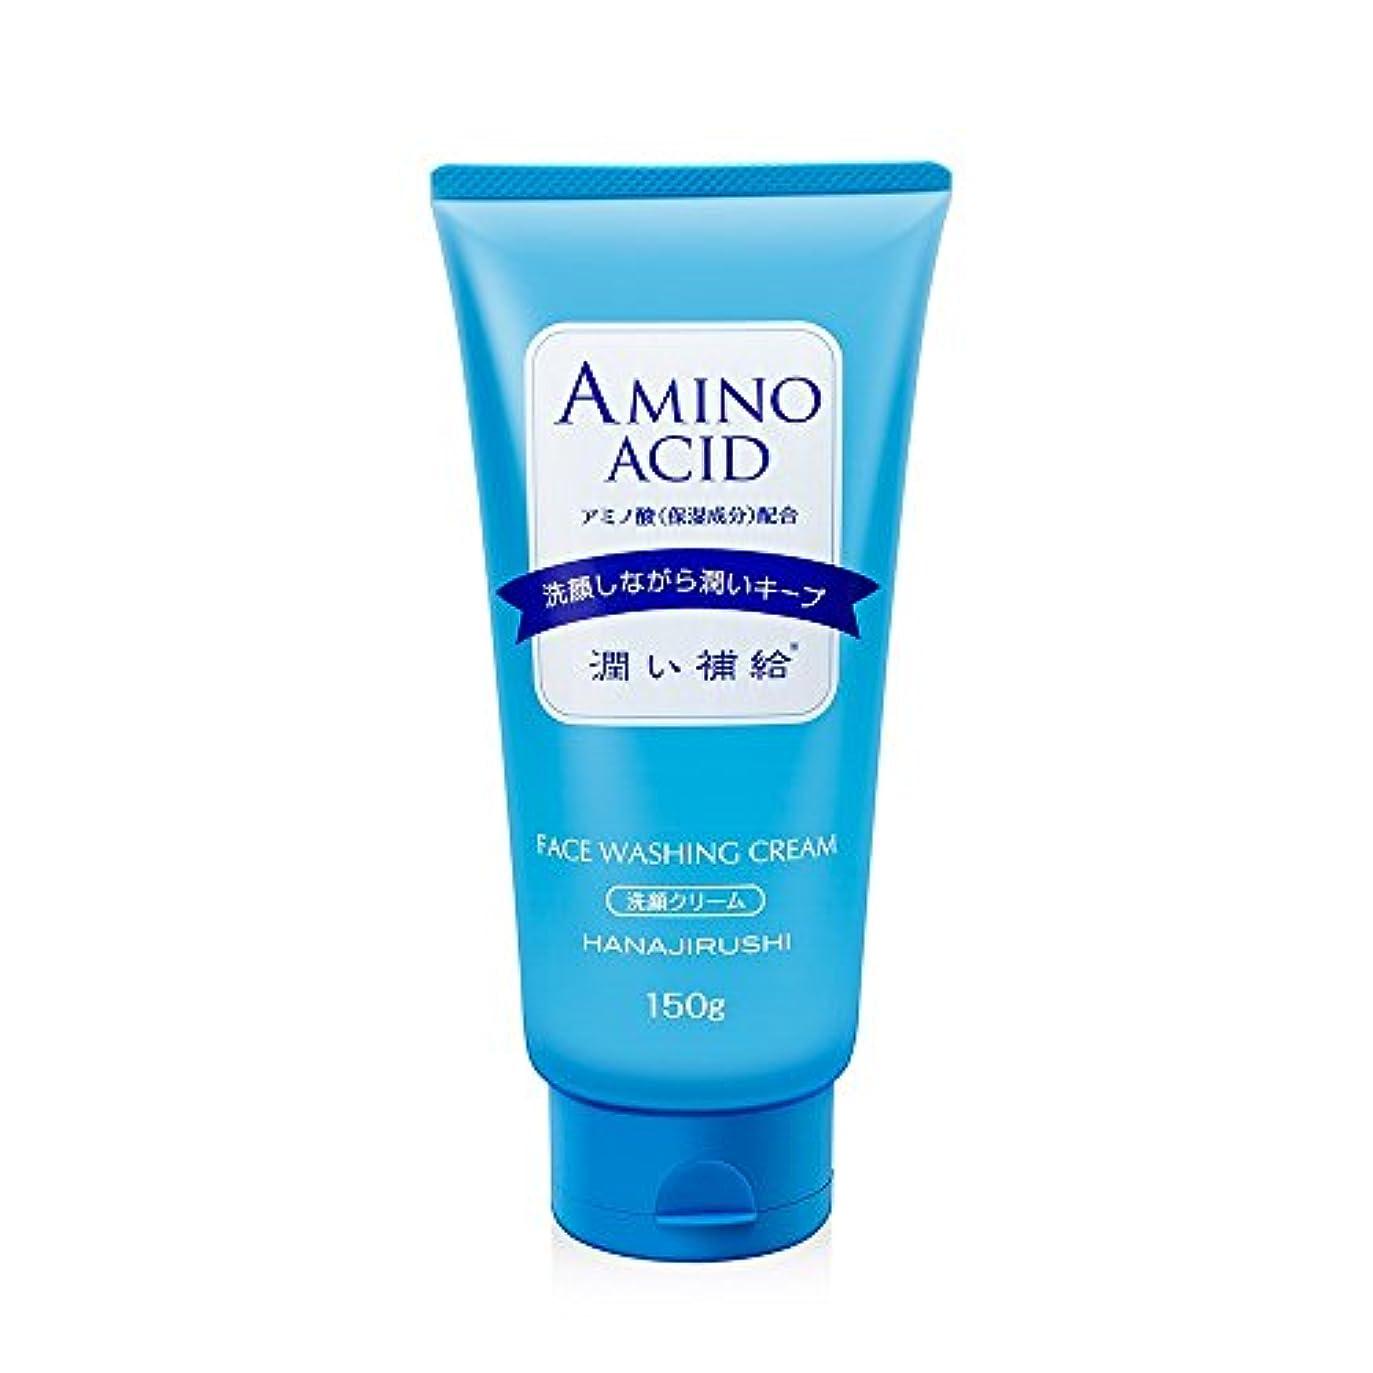 称賛変化する訴える花印 保湿補水洗顔クリーム 150g